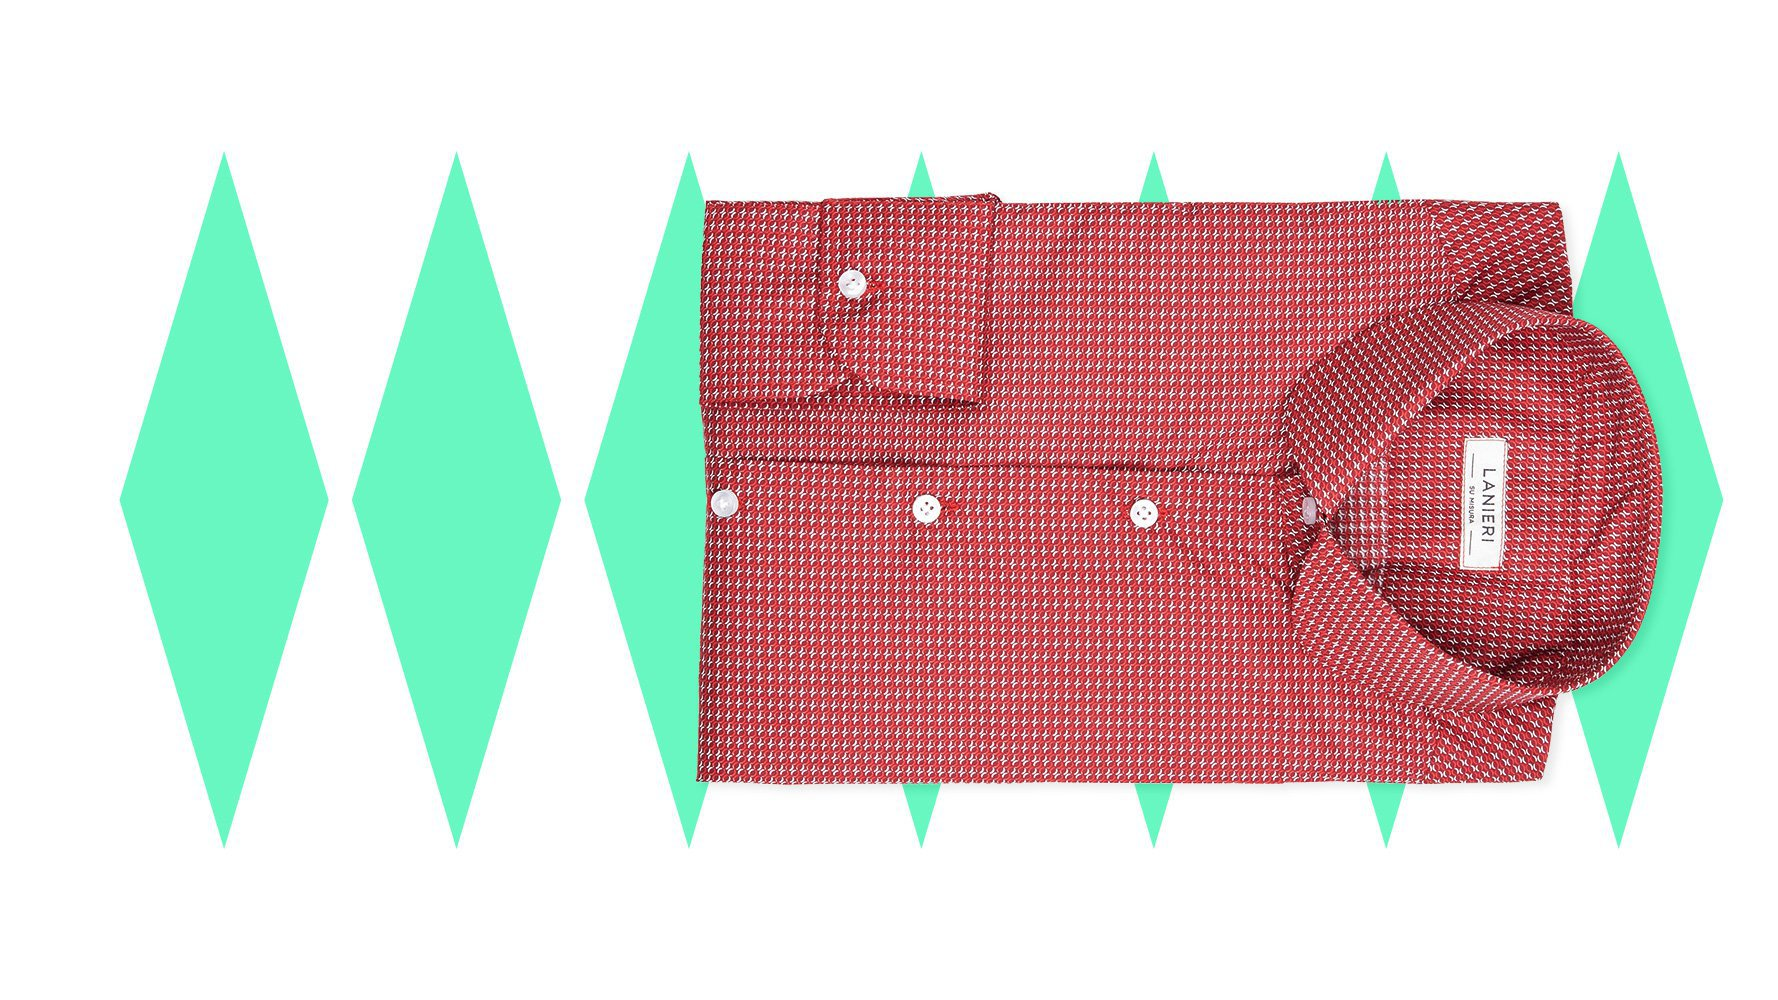 Camicie Misura Misura Su Su Camicie Verona Uomo Uomo R4AL5q3j